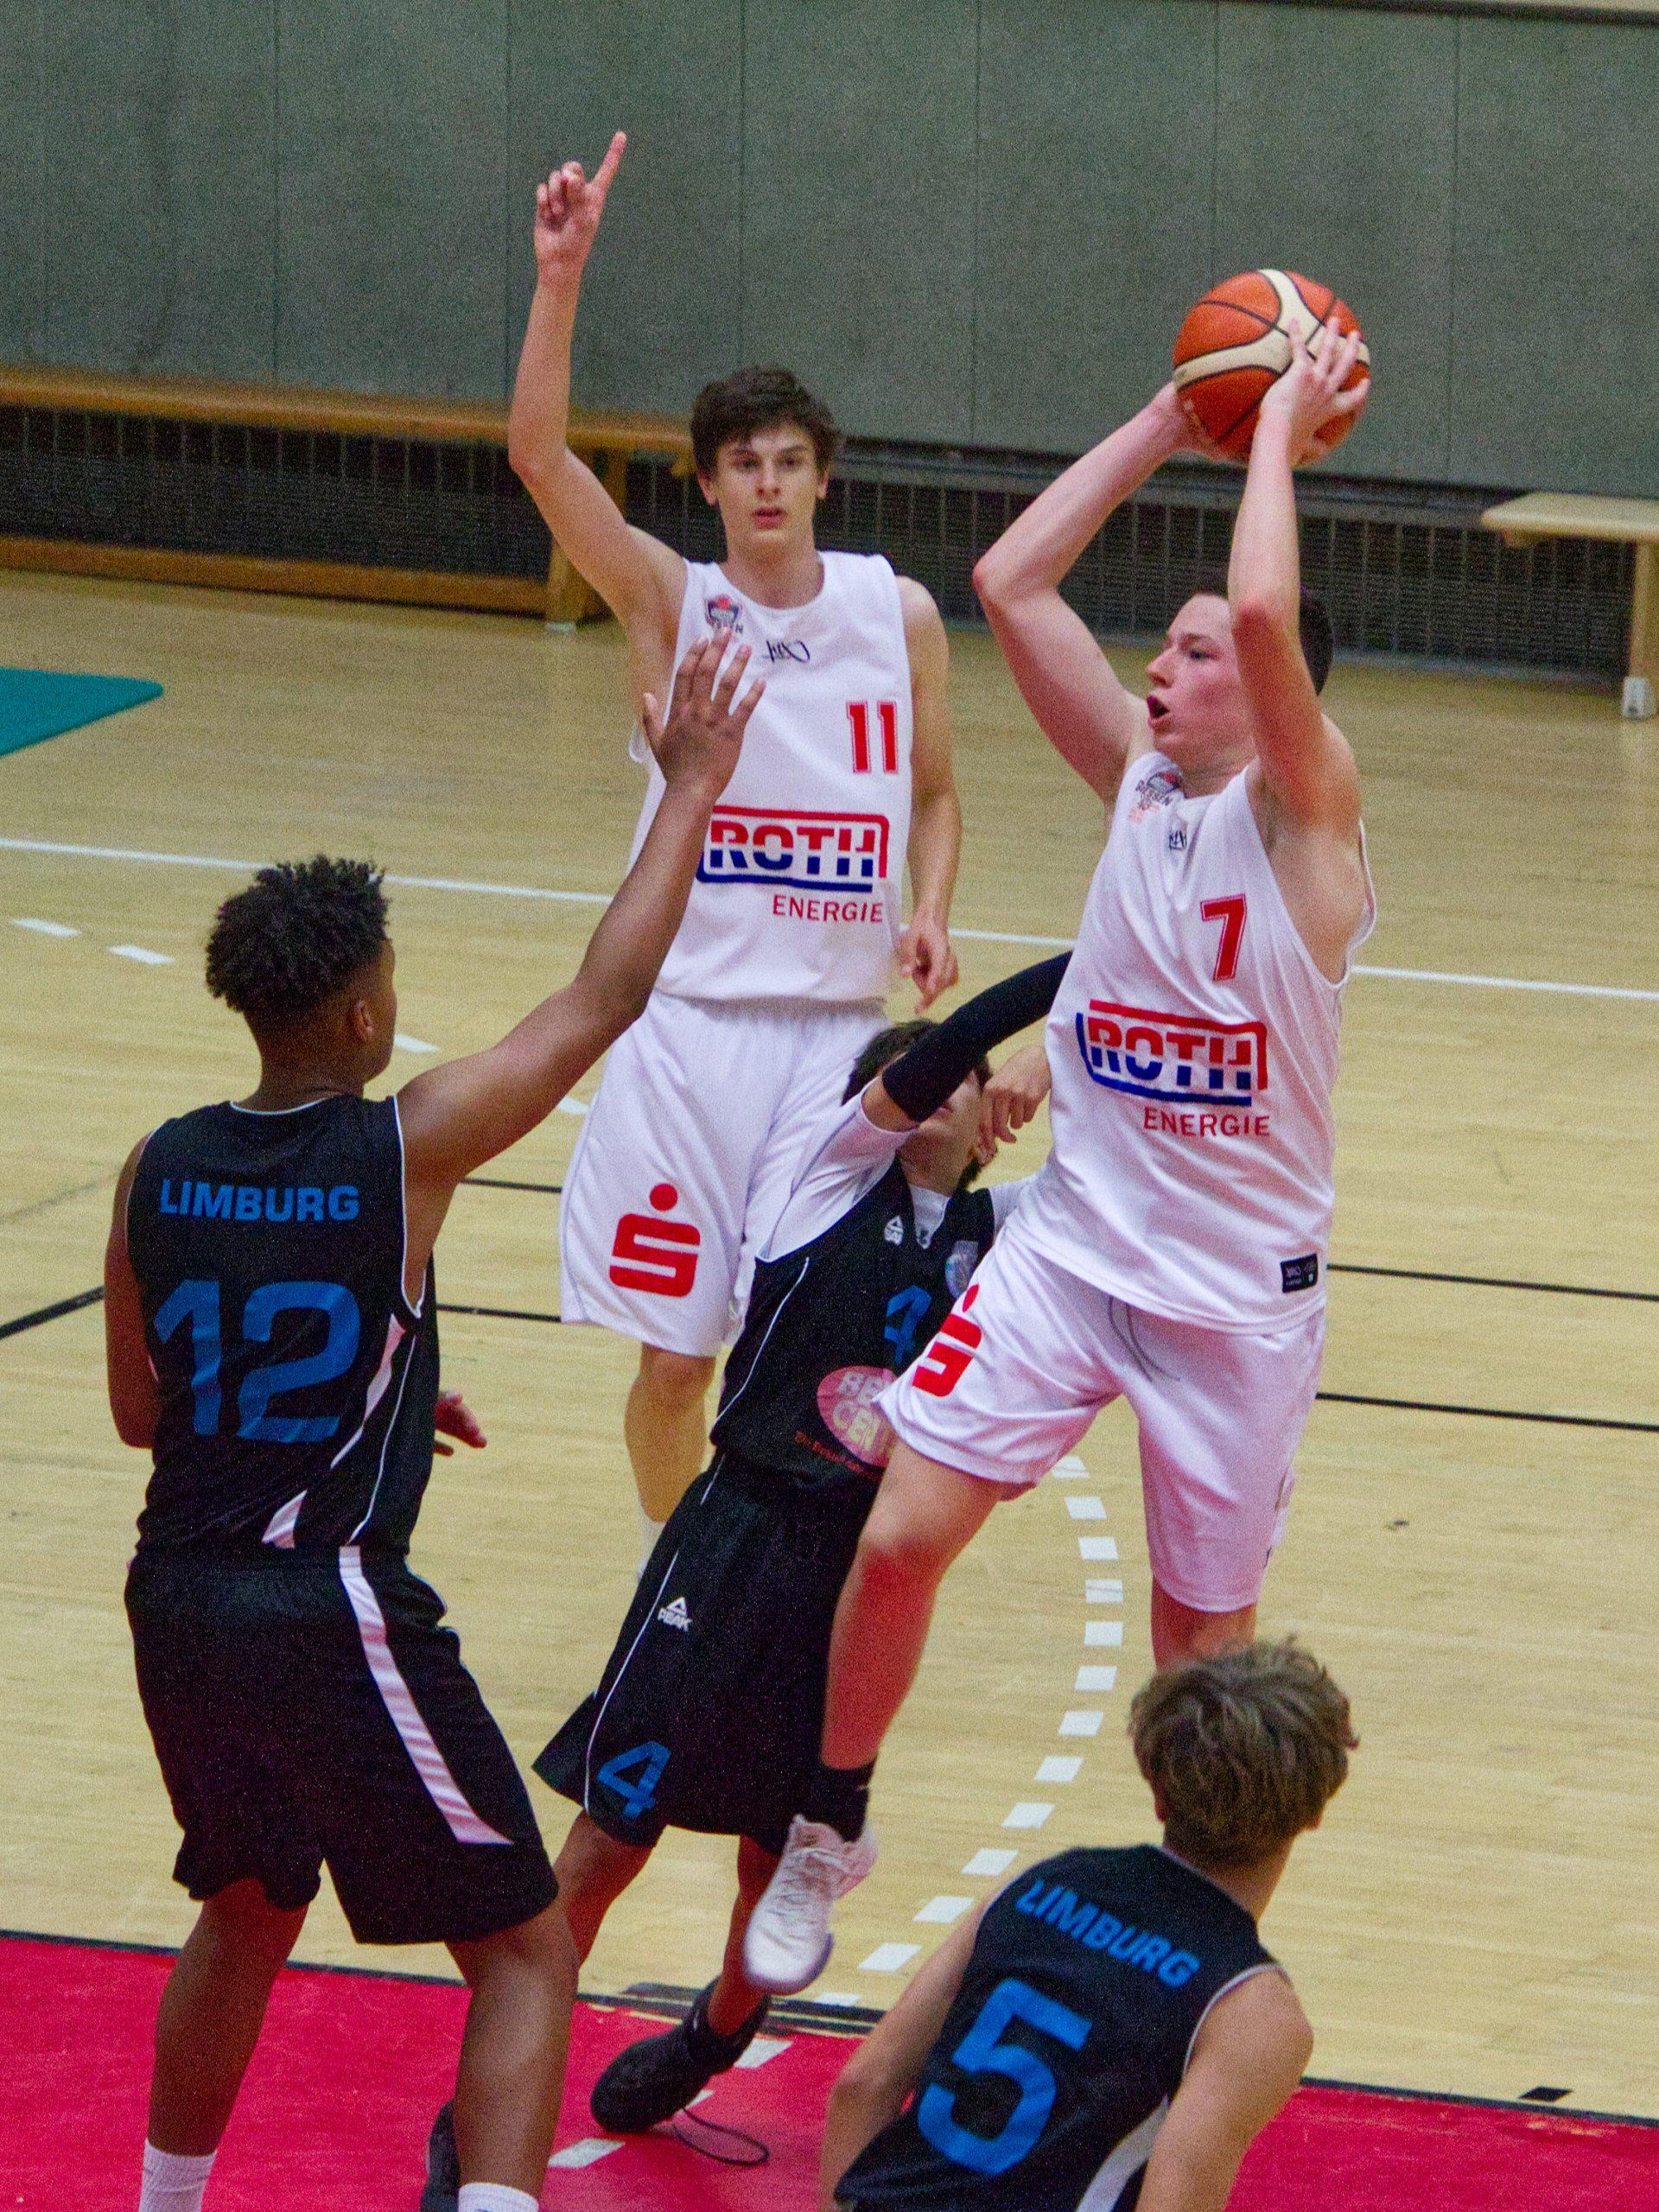 Nils Graf mit dem Pass im U18-Testspiel gegen Limburg